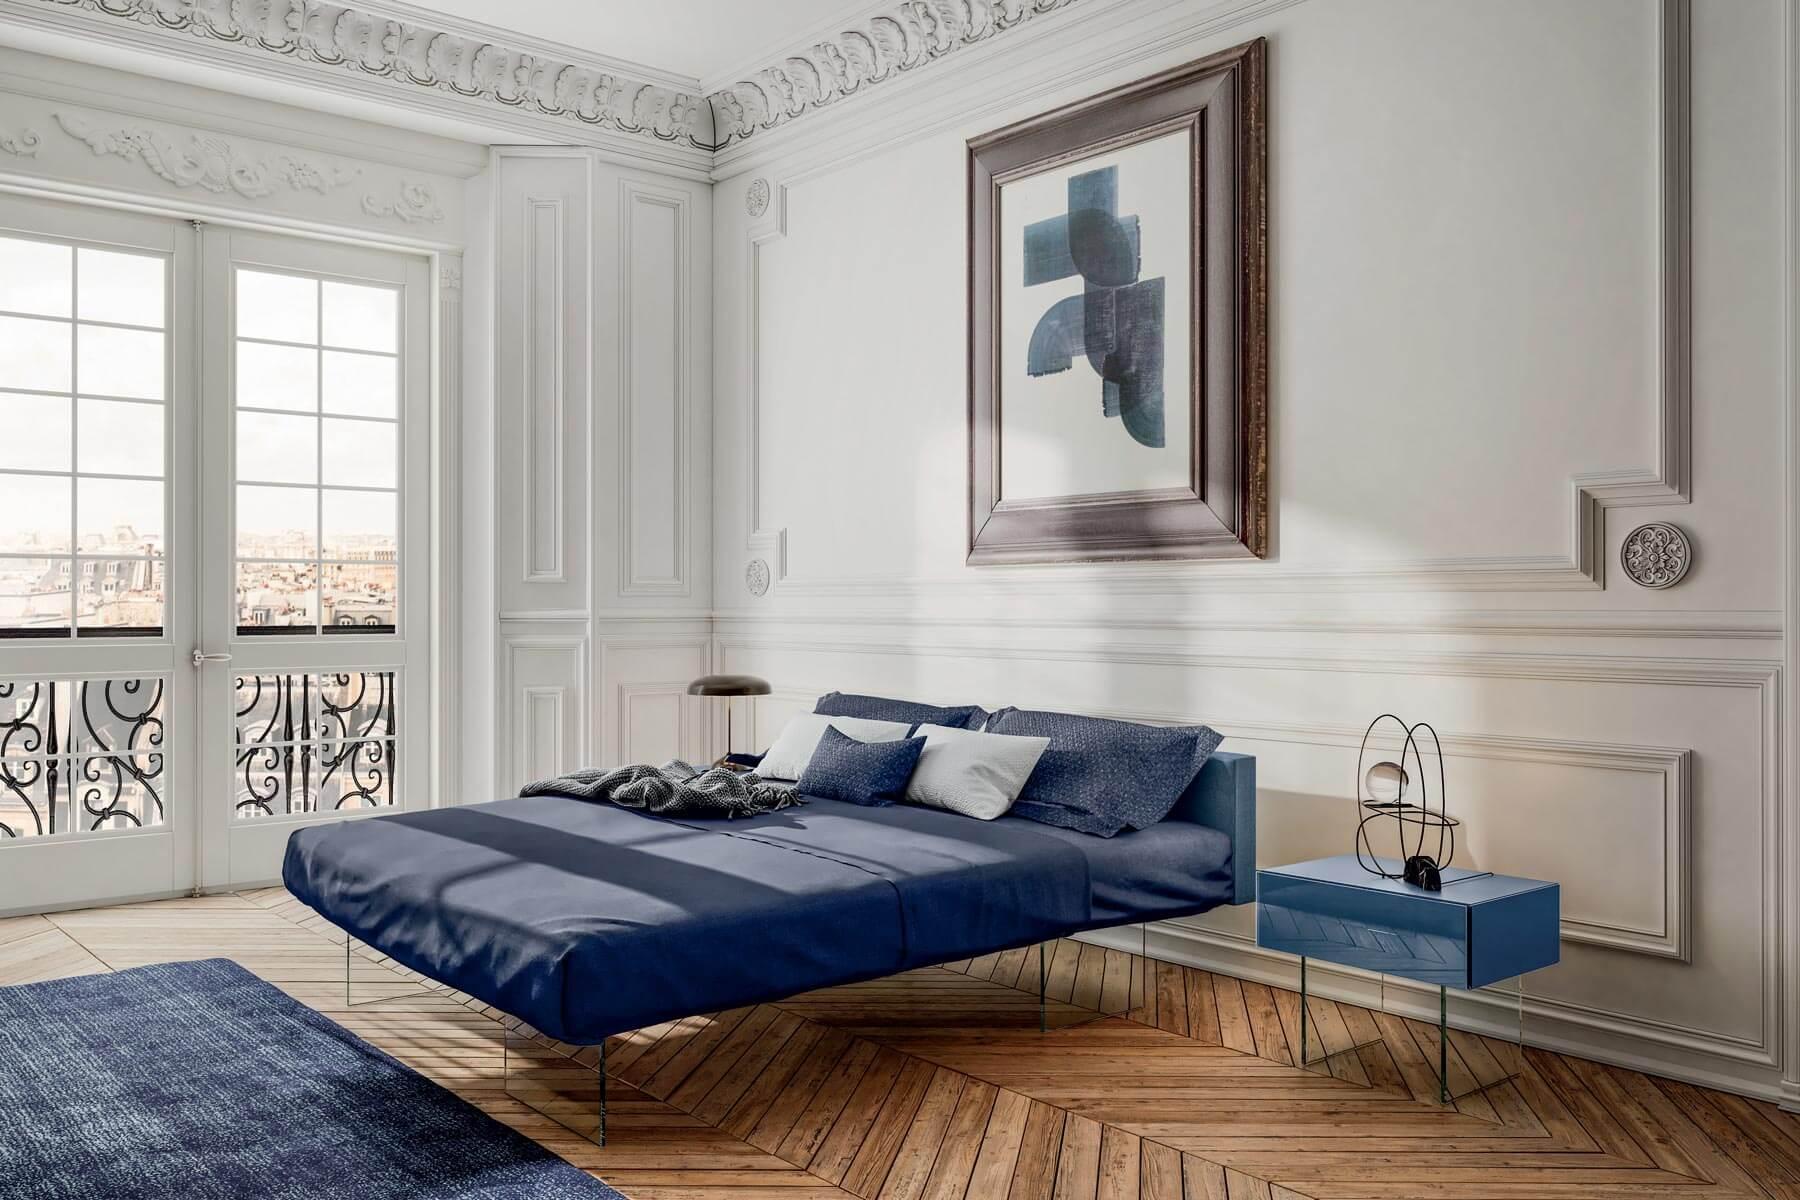 2_Bedroom-Parigi-Letto-DEF-REV-2-1